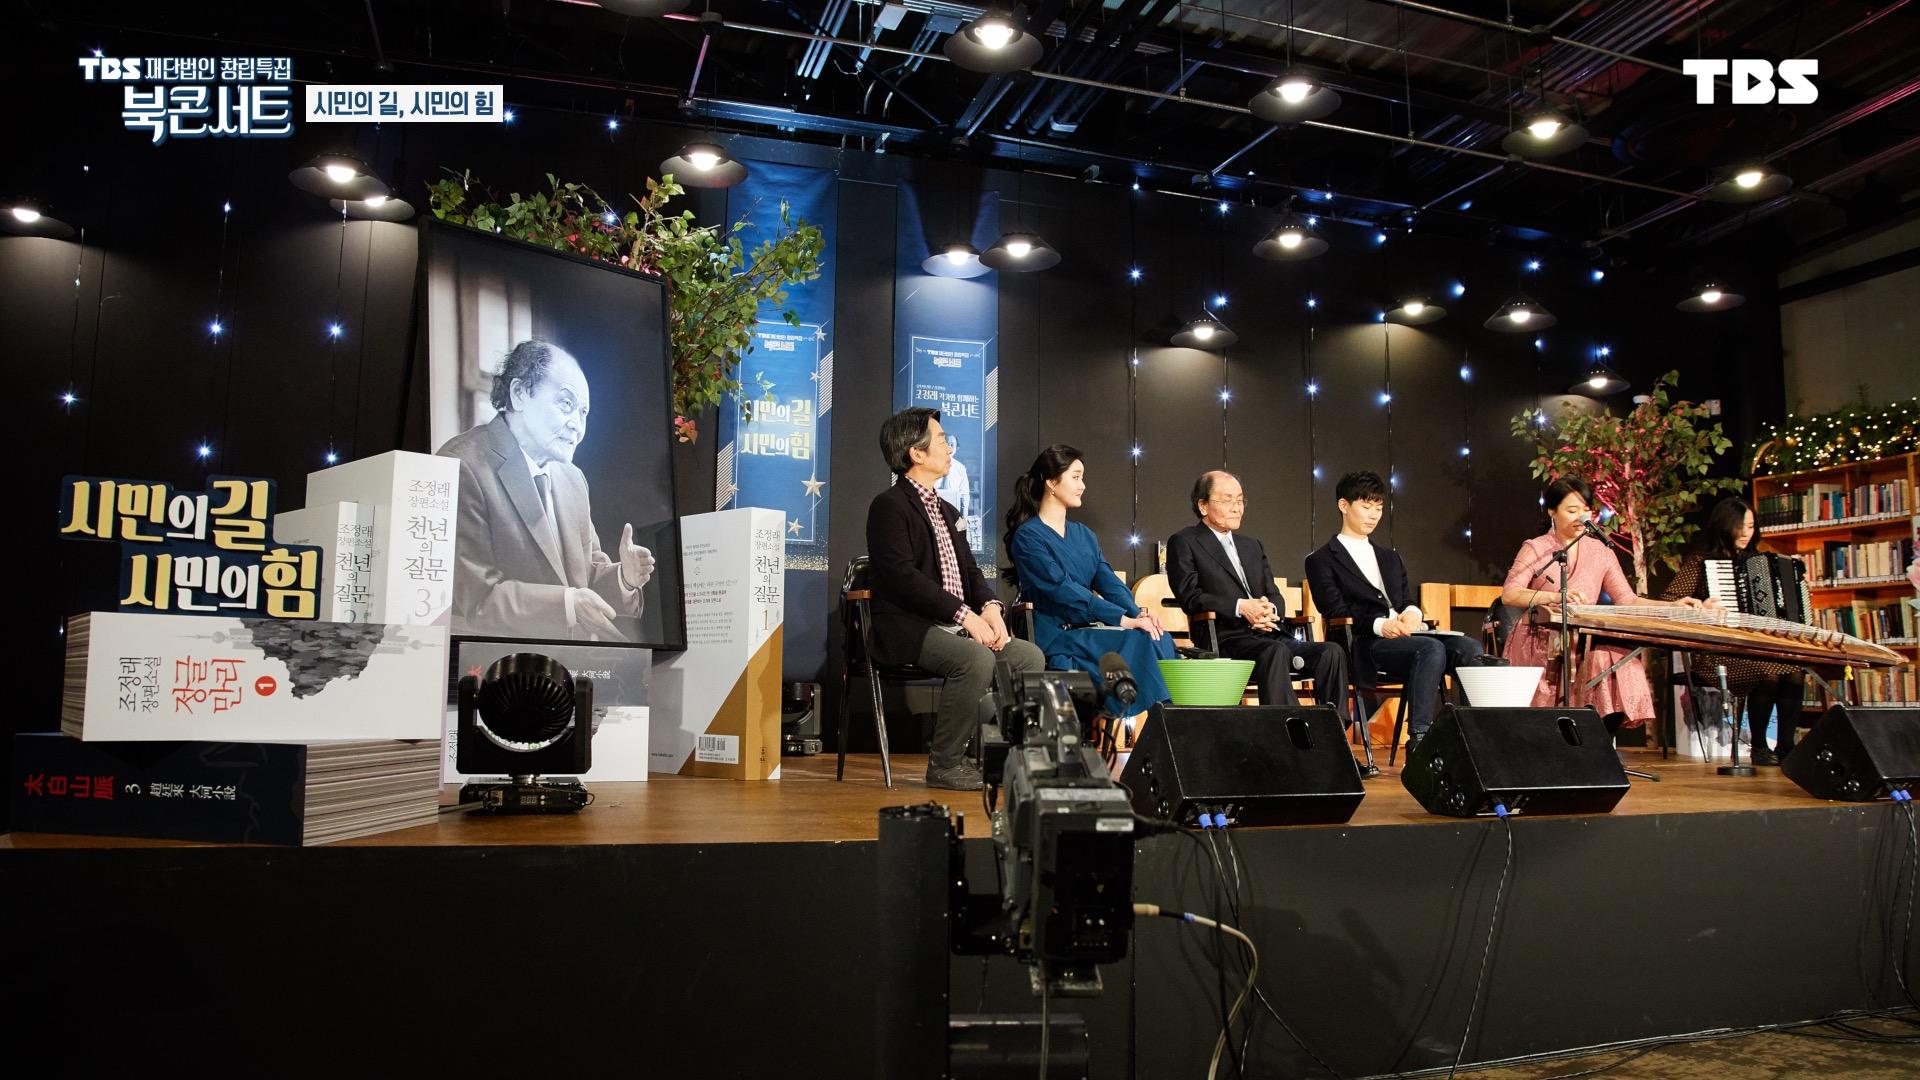 서울특별시 미디어재단 TBS 창립특집 조정래 작가 북콘서트 '시민의 길, 시민의 힘'